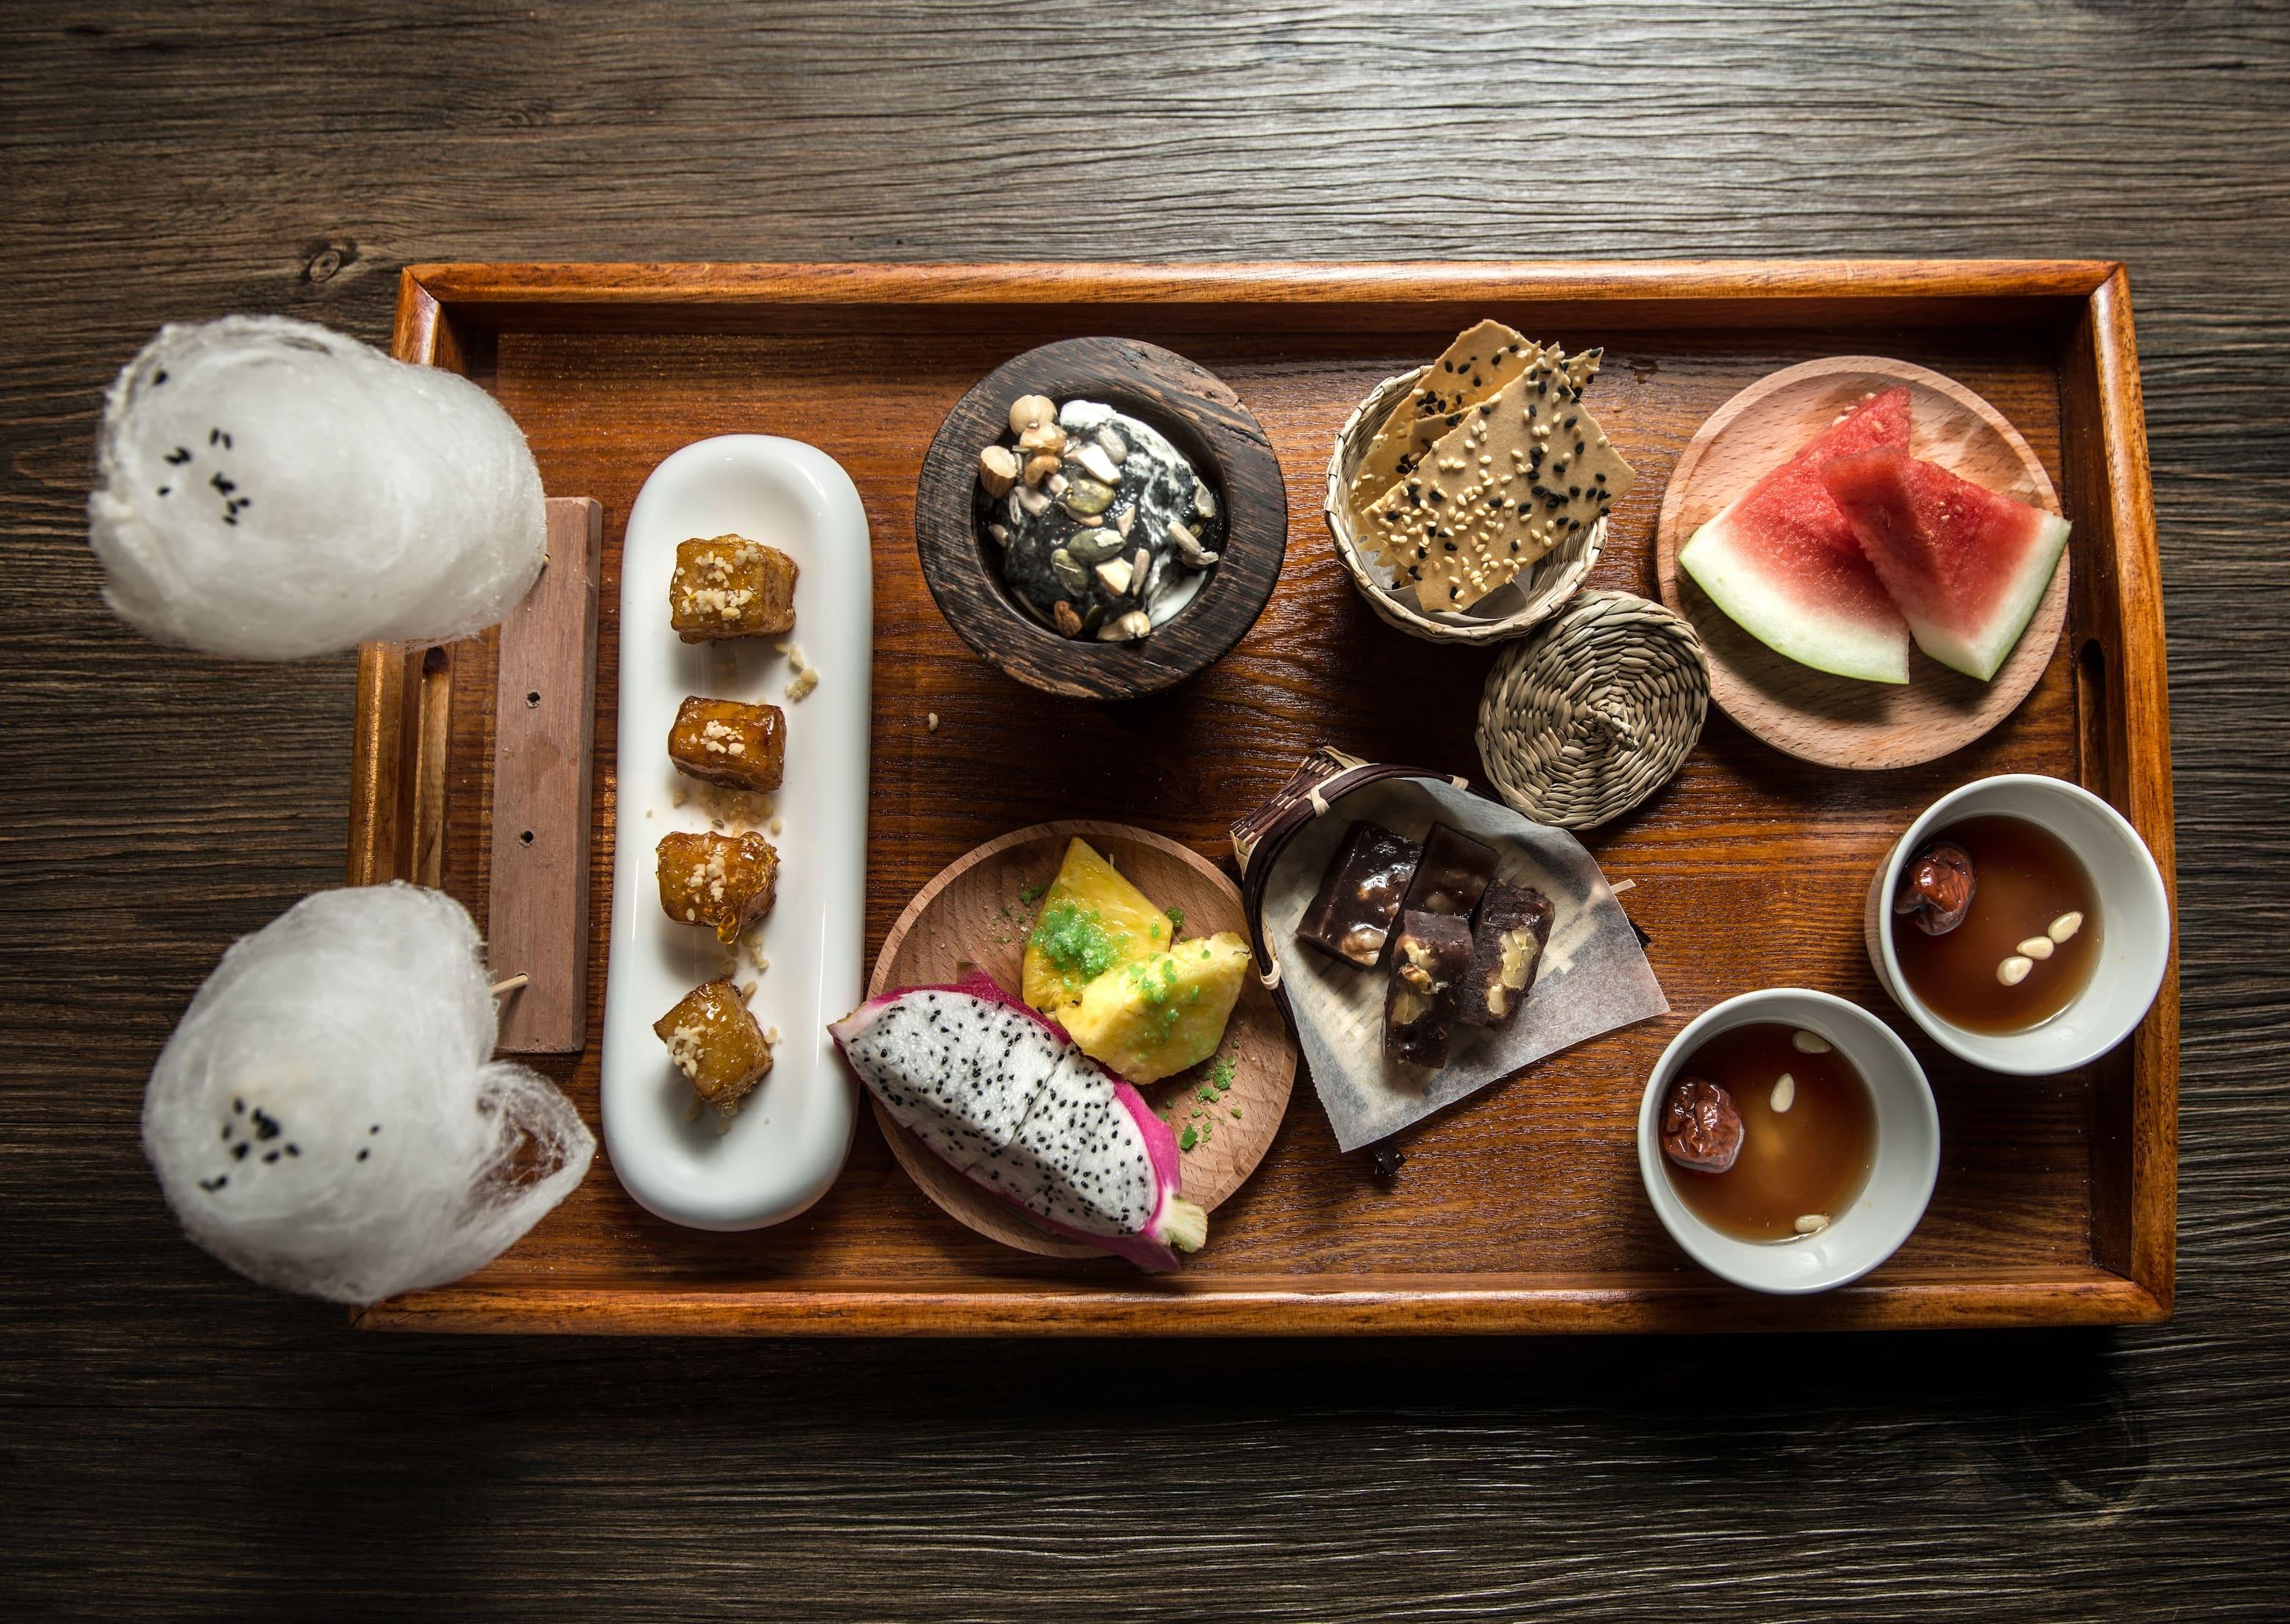 Korean Dessert Platter